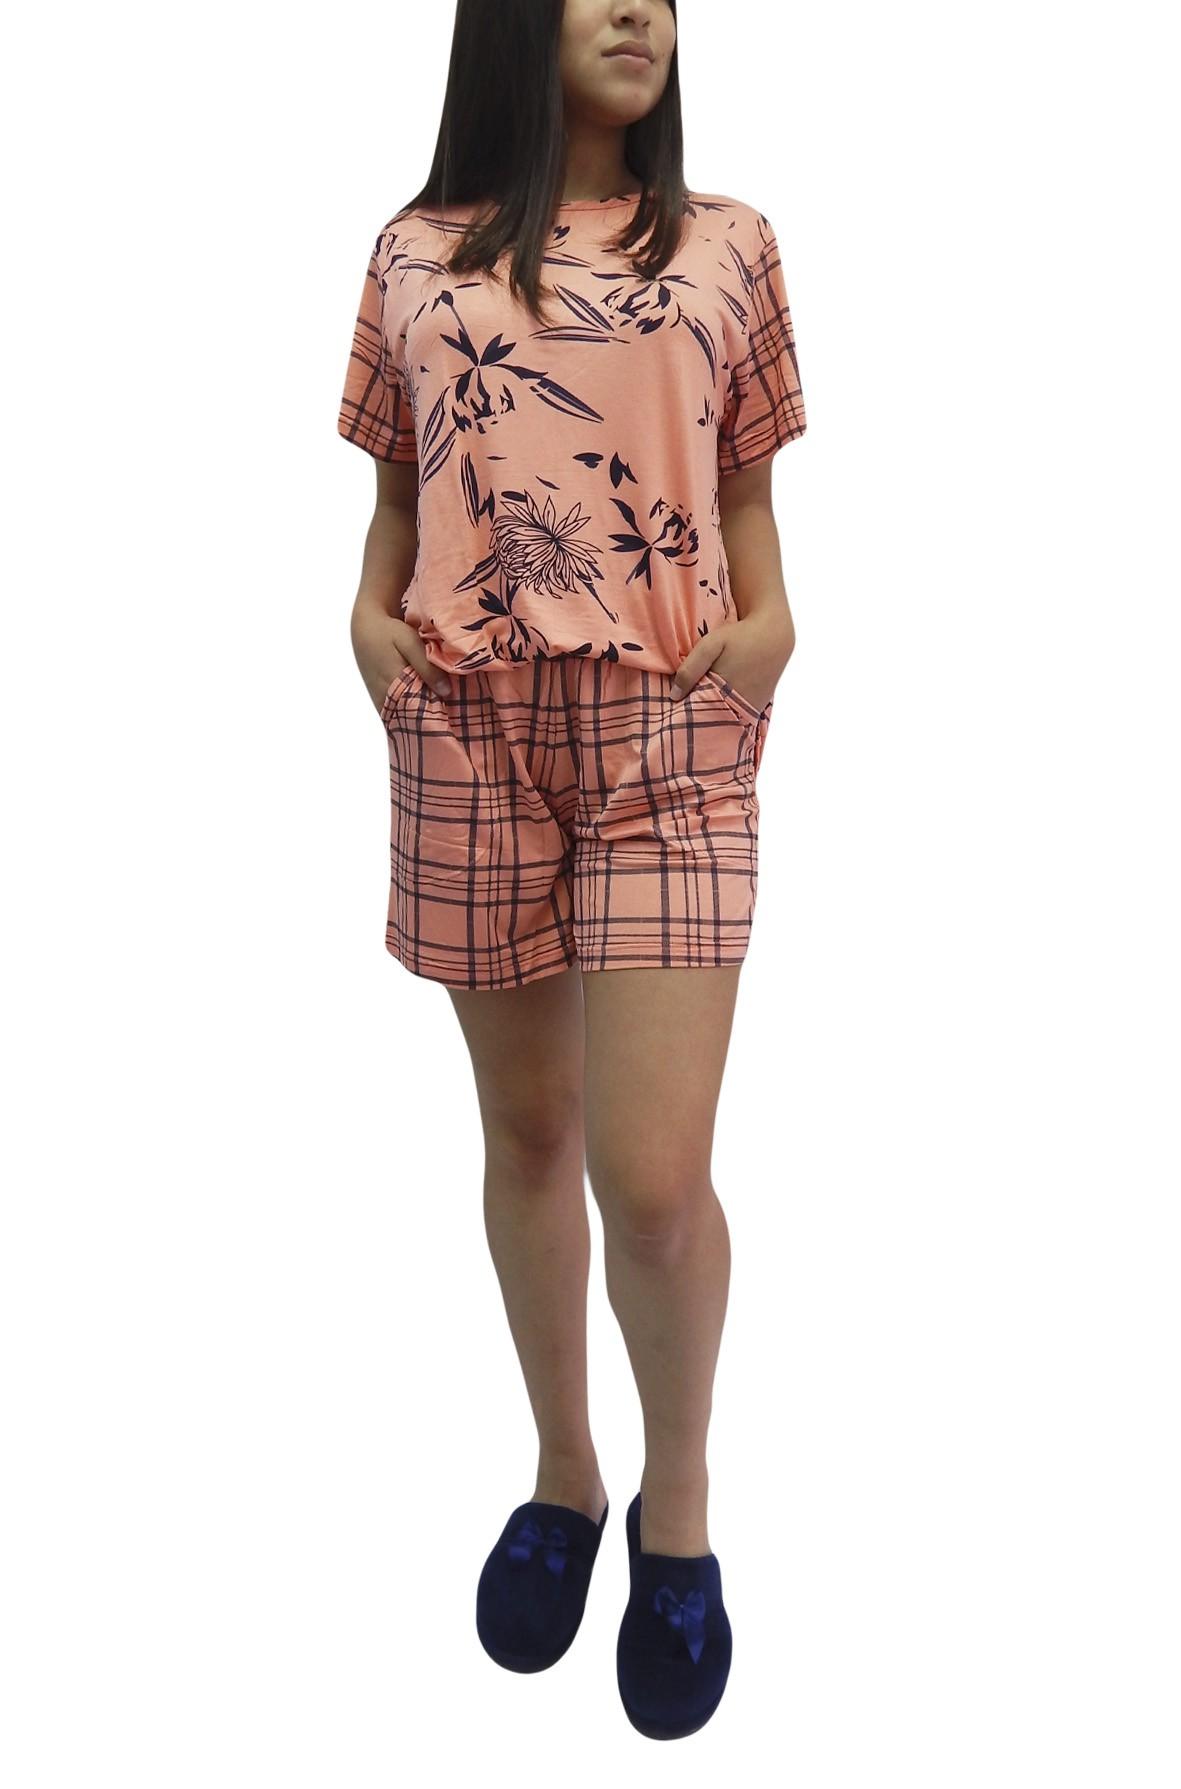 Pijama Feminino de Manga Curta em Visco Estampada Composê -Foxx  263358